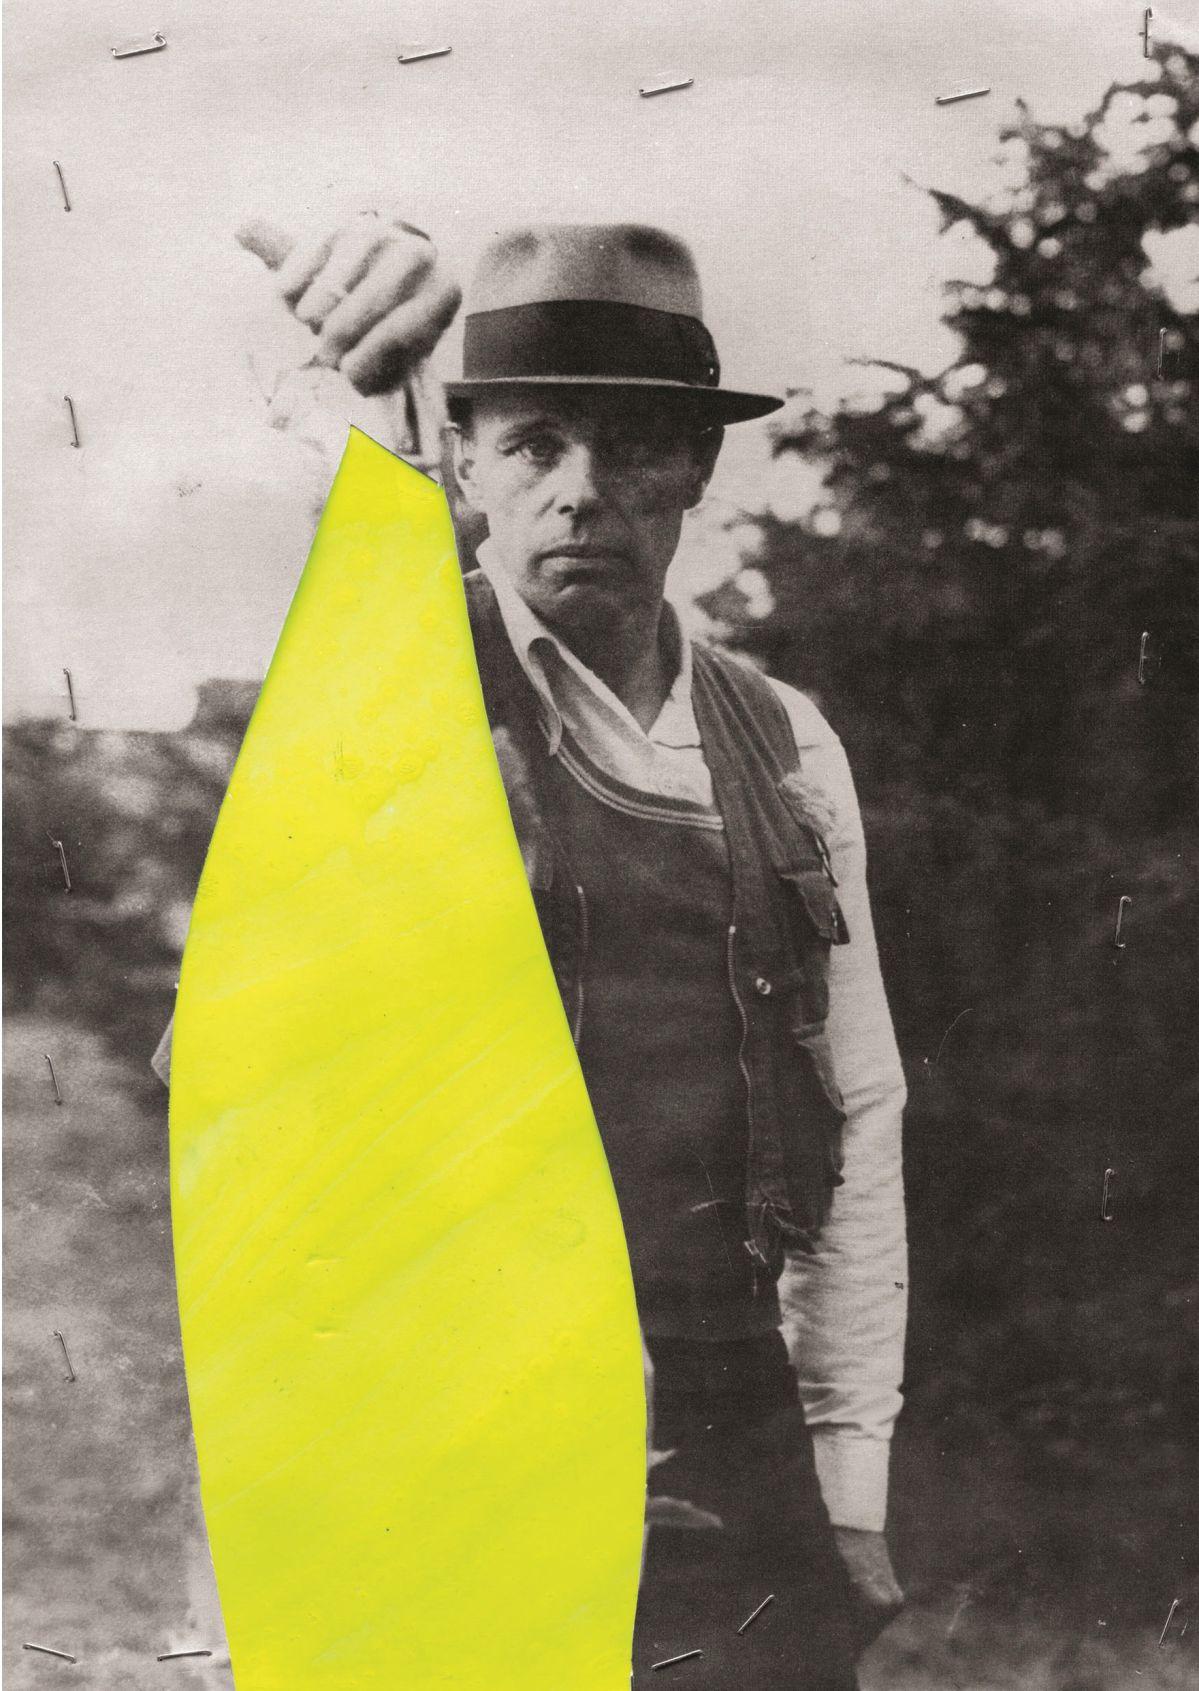 Georges Autard - La forme informe (0191), 2019, découpage peinture agrafes sur photographie Beuys, non signé, encadré, 33 x 21 cm